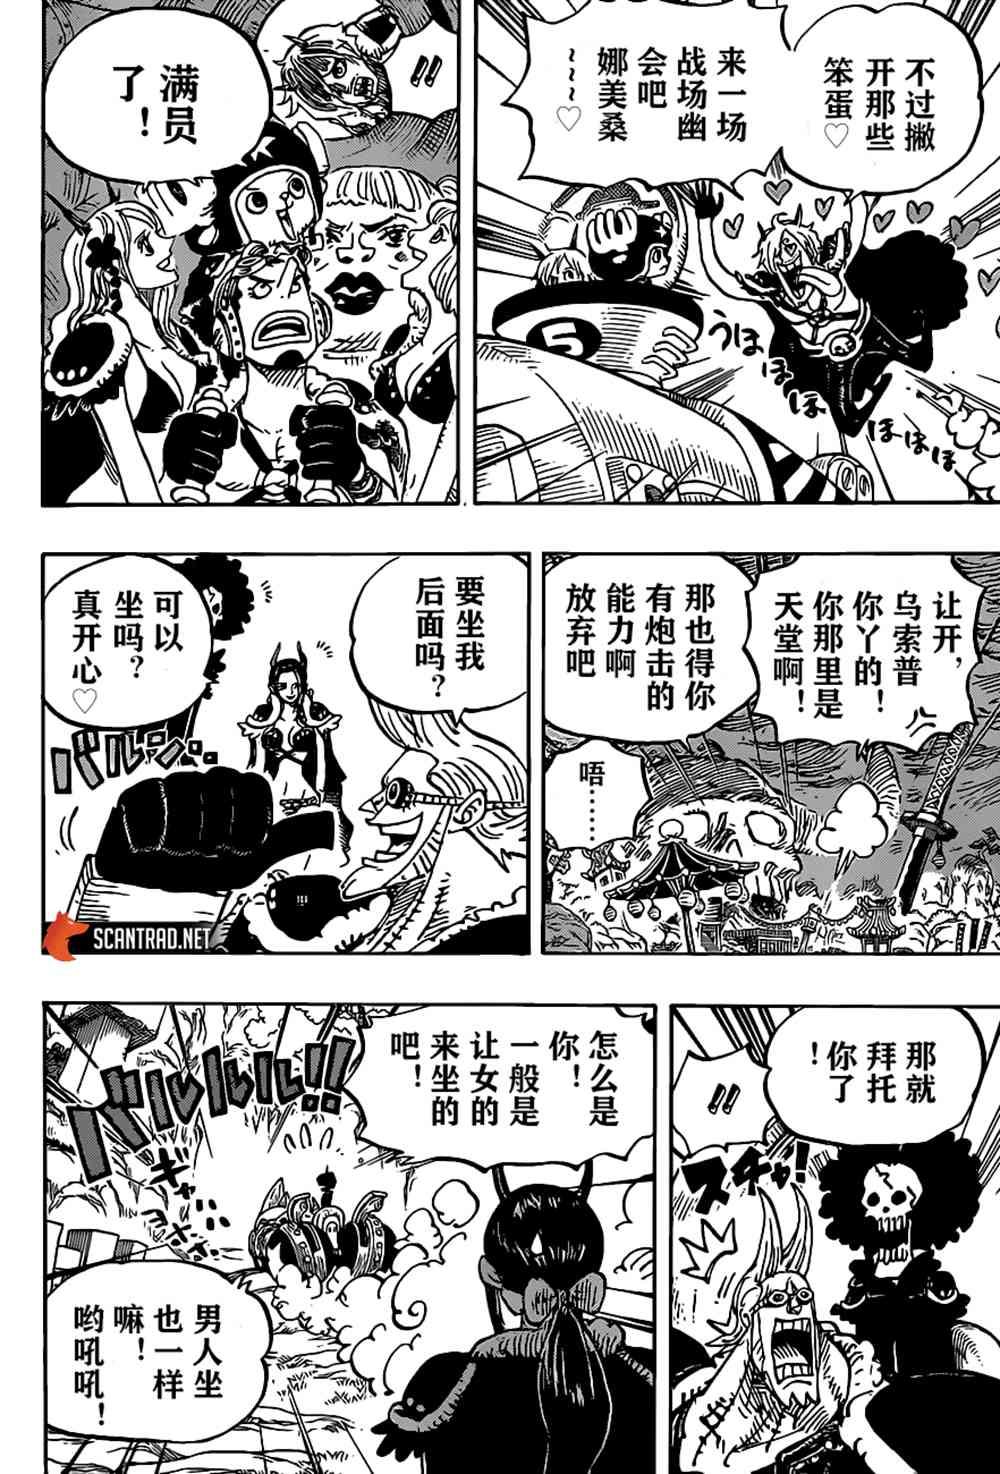 海賊王: 979话 家族问题 - 第7页